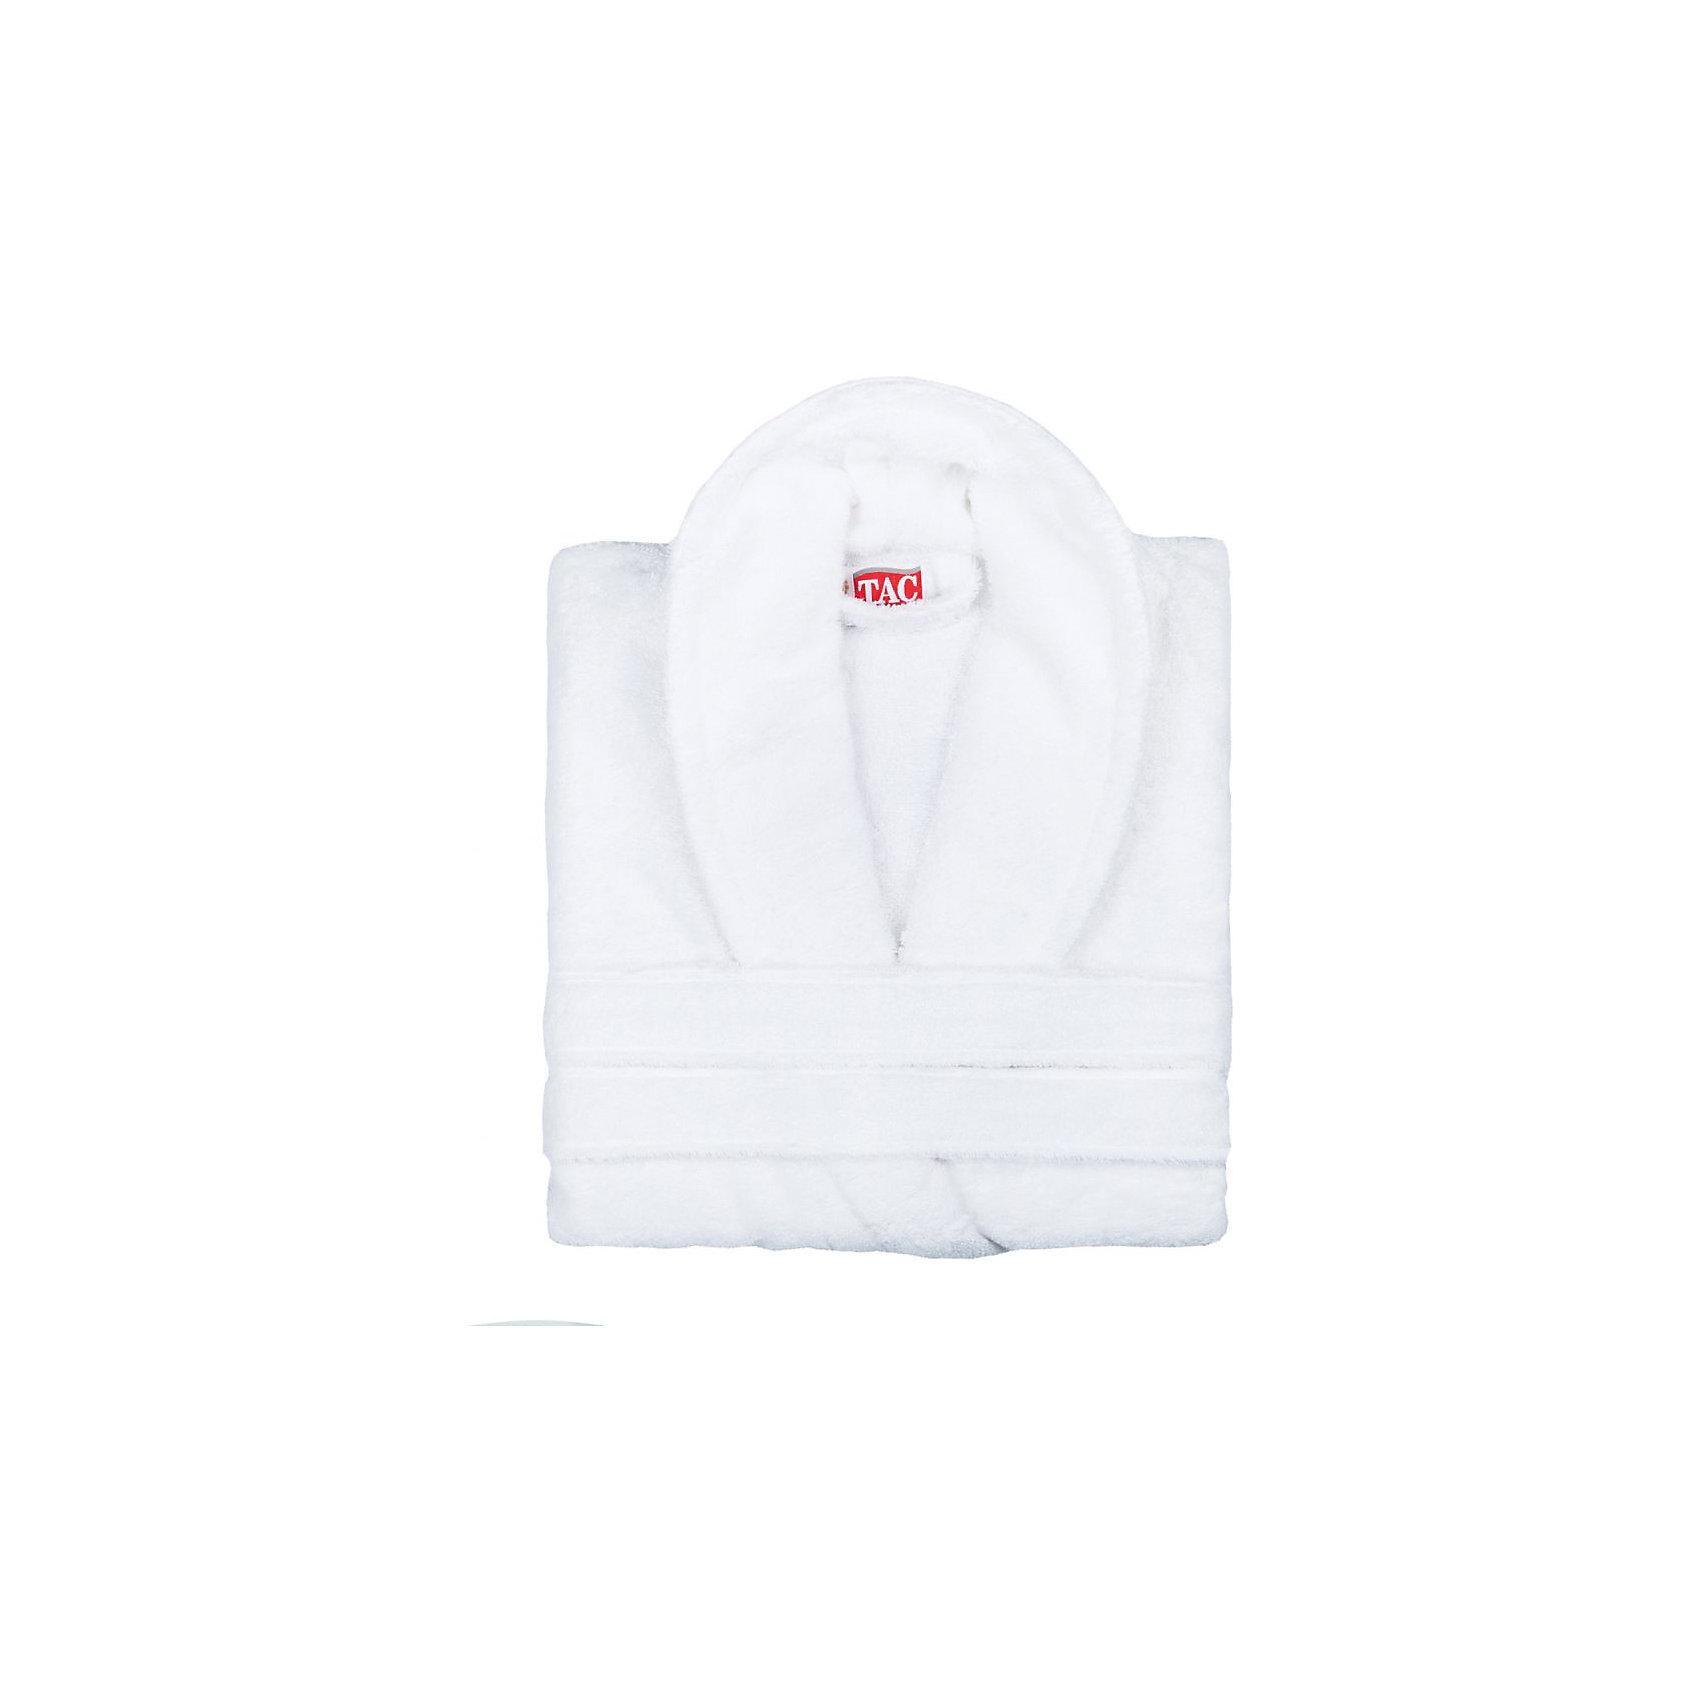 Халат махровый Maison Bambu, S/M, TAC, белый (beyaz)Характеристики:<br><br>• Вид домашнего текстиля: махровый халат<br>• Размер международный/российский: S/M (42, 44, 46)<br>• Пол: унисекс<br>• Рисунок: без рисунка<br>• Материал: хлопок, 50% хлопок; бамбук, 50%<br>• Цвет: белый<br>• Плотность полотна: 320 гр/м2 <br>• Силуэт: прямой<br>• Рукав: длинный<br>• Воротник: отложной<br>• Застежка: пояс<br>• Вес в упаковке: 1 кг 030 г<br>• Размеры упаковки (Д*Ш*В): 39*10*29 см<br>• Особенности ухода: машинная стирка <br><br>Халат махровый Maison Bambu, S/M, TAC, белый (beyaz) от наиболее популярного бренда на отечественном рынке среди производителей комплектов постельного белья и текстильных принадлежностей, выпуском которого занимается производственная компания, являющаяся частью мирового холдинга Zorlu Holding Textiles Group. Халат выполнен из сочетания натурального хлопка и бамбукового волокна, что обеспечивает гипоаллергенность, высокую износоустойчивость, повышенные гигкоскопические и антибактериальные свойства изделия. Благодаря высокой степени плотности махры, халат отлично впитывает влагу, но при этом остается мягким. <br><br>Ворс окрашен стойкими нетоксичными красителями, который не оставляет запаха и обеспечивает ровный окрас. Изделие сохраняет свой цвет и форму даже при частых стирках. Халат прямого кроя с длинными рукавами и отложным воротником идеально подходит для посещения бани или сауны, а в прохладные вечера обеспечит комфорт и уют своему владельцу. Выполнен в белом цвете без рисунка.<br><br>Халат махровый Maison Bambu, S/M, TAC, белый (beyaz) можно купить в нашем интернет-магазине.<br><br>Ширина мм: 290<br>Глубина мм: 90<br>Высота мм: 400<br>Вес г: 1300<br>Возраст от месяцев: 216<br>Возраст до месяцев: 1188<br>Пол: Унисекс<br>Возраст: Детский<br>SKU: 5476355